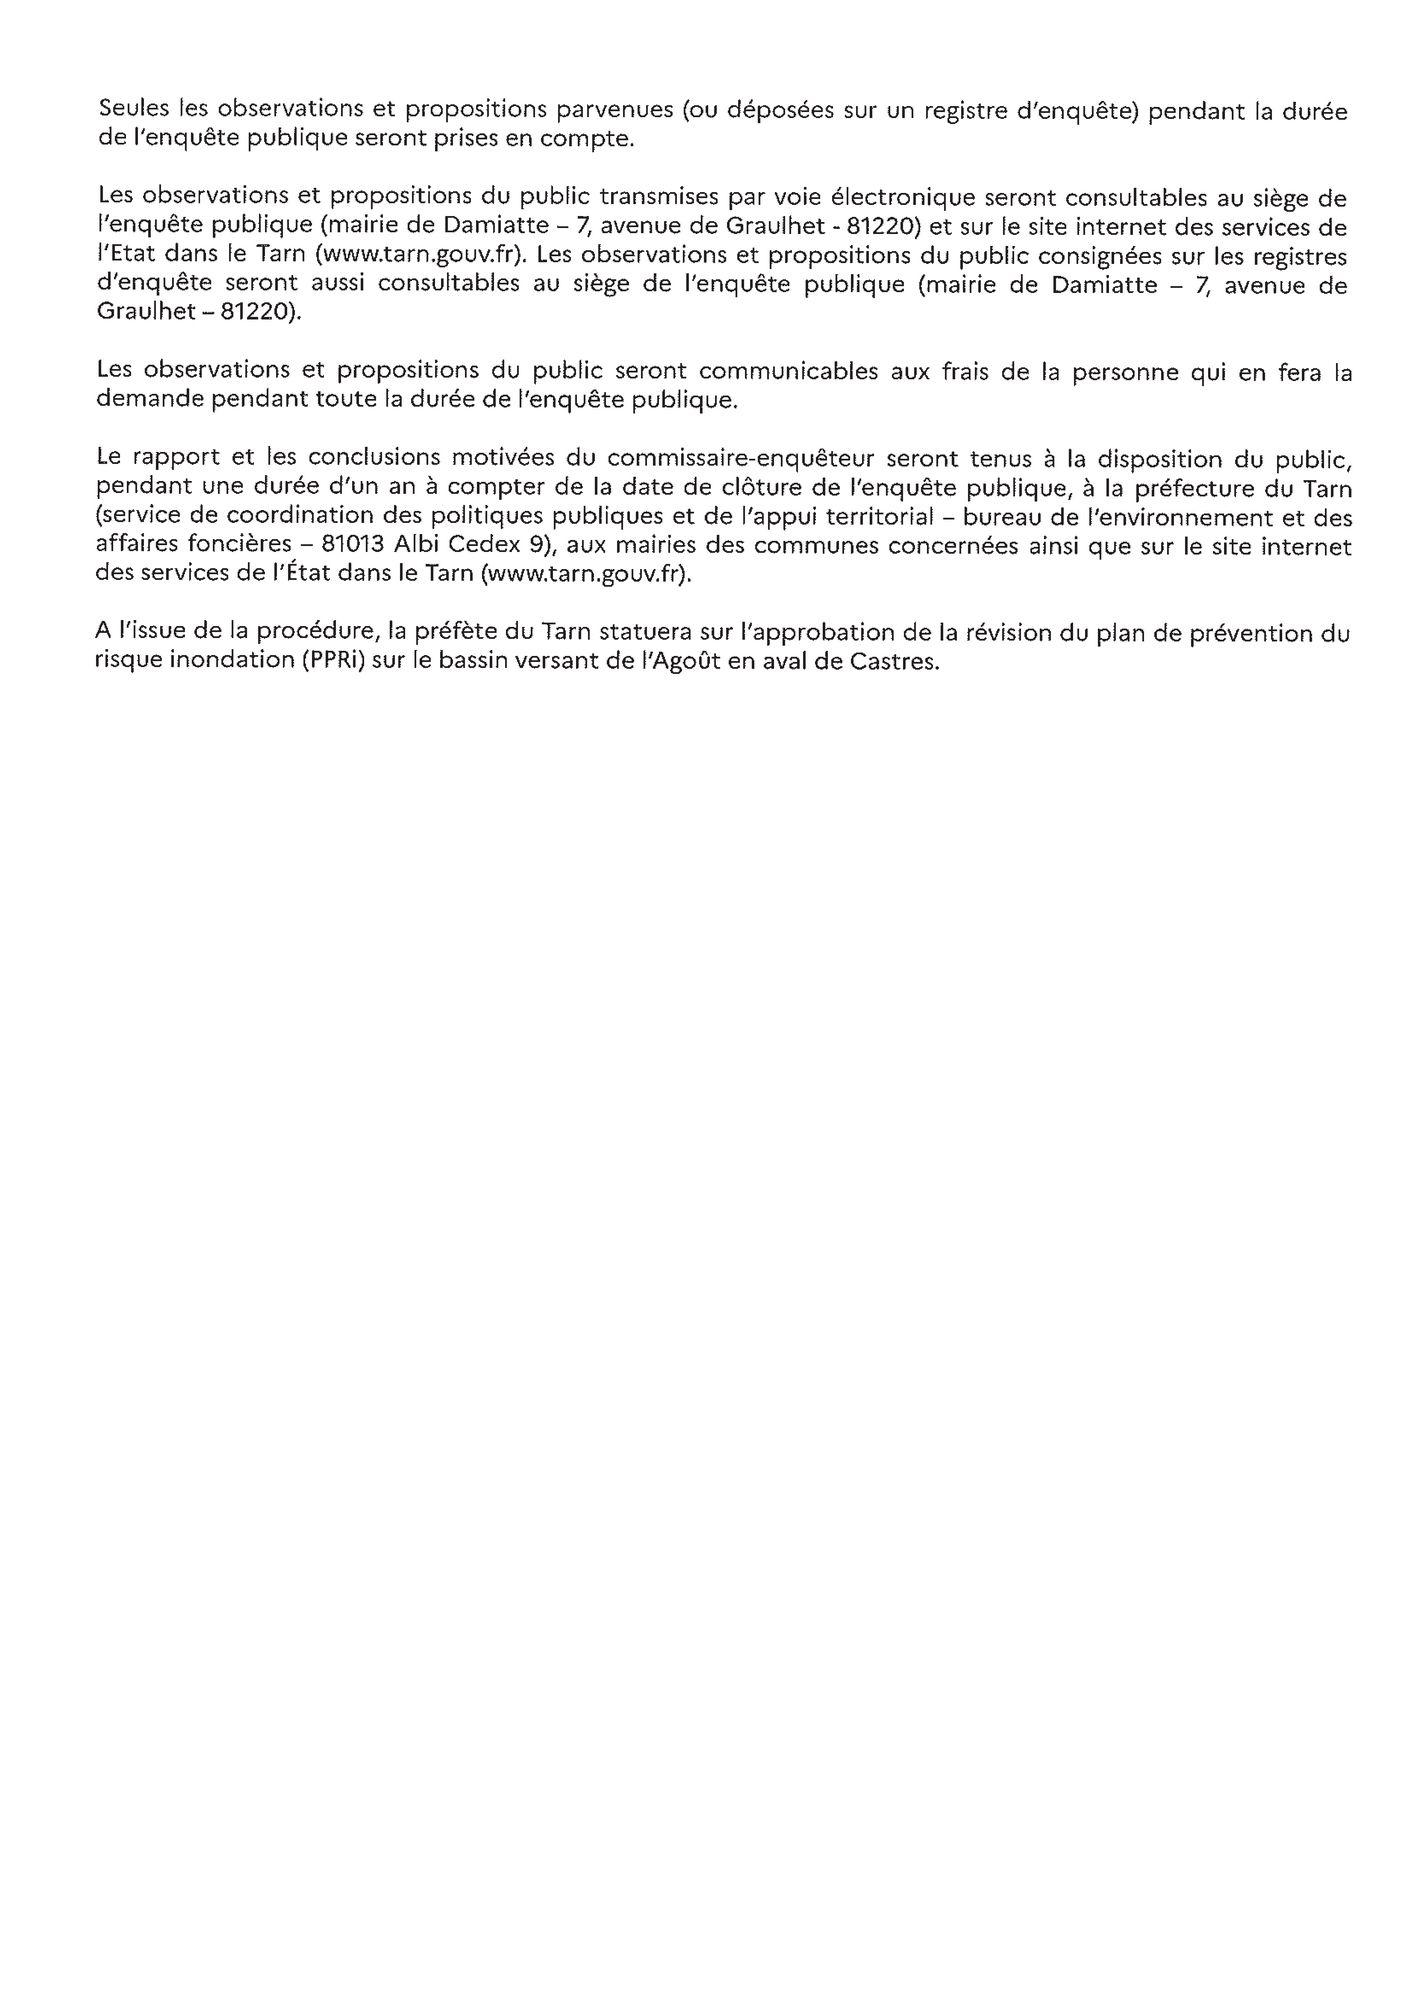 Avis d_enquête publique 2021 - Approbation de la révision du PPRi _2-2_.jpg